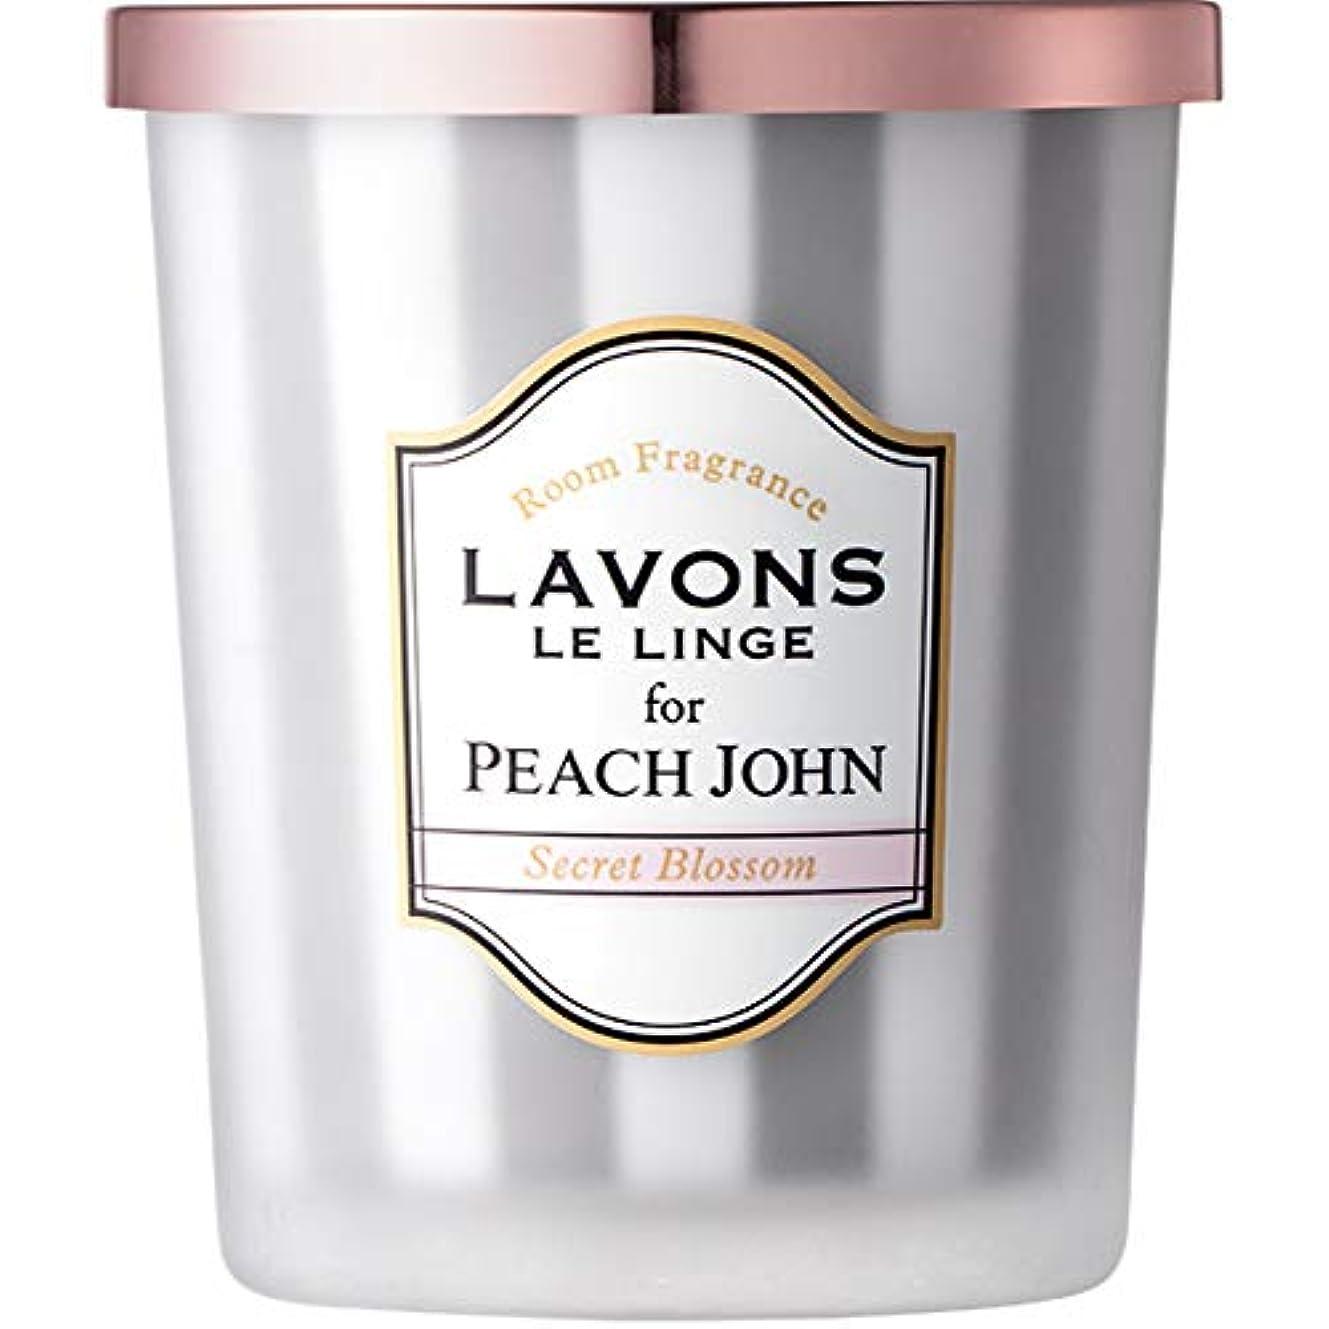 撃退する押し下げる奇妙なラボン for PEACH JOHN 部屋用フレグランス シークレットブロッサムの香り 150g